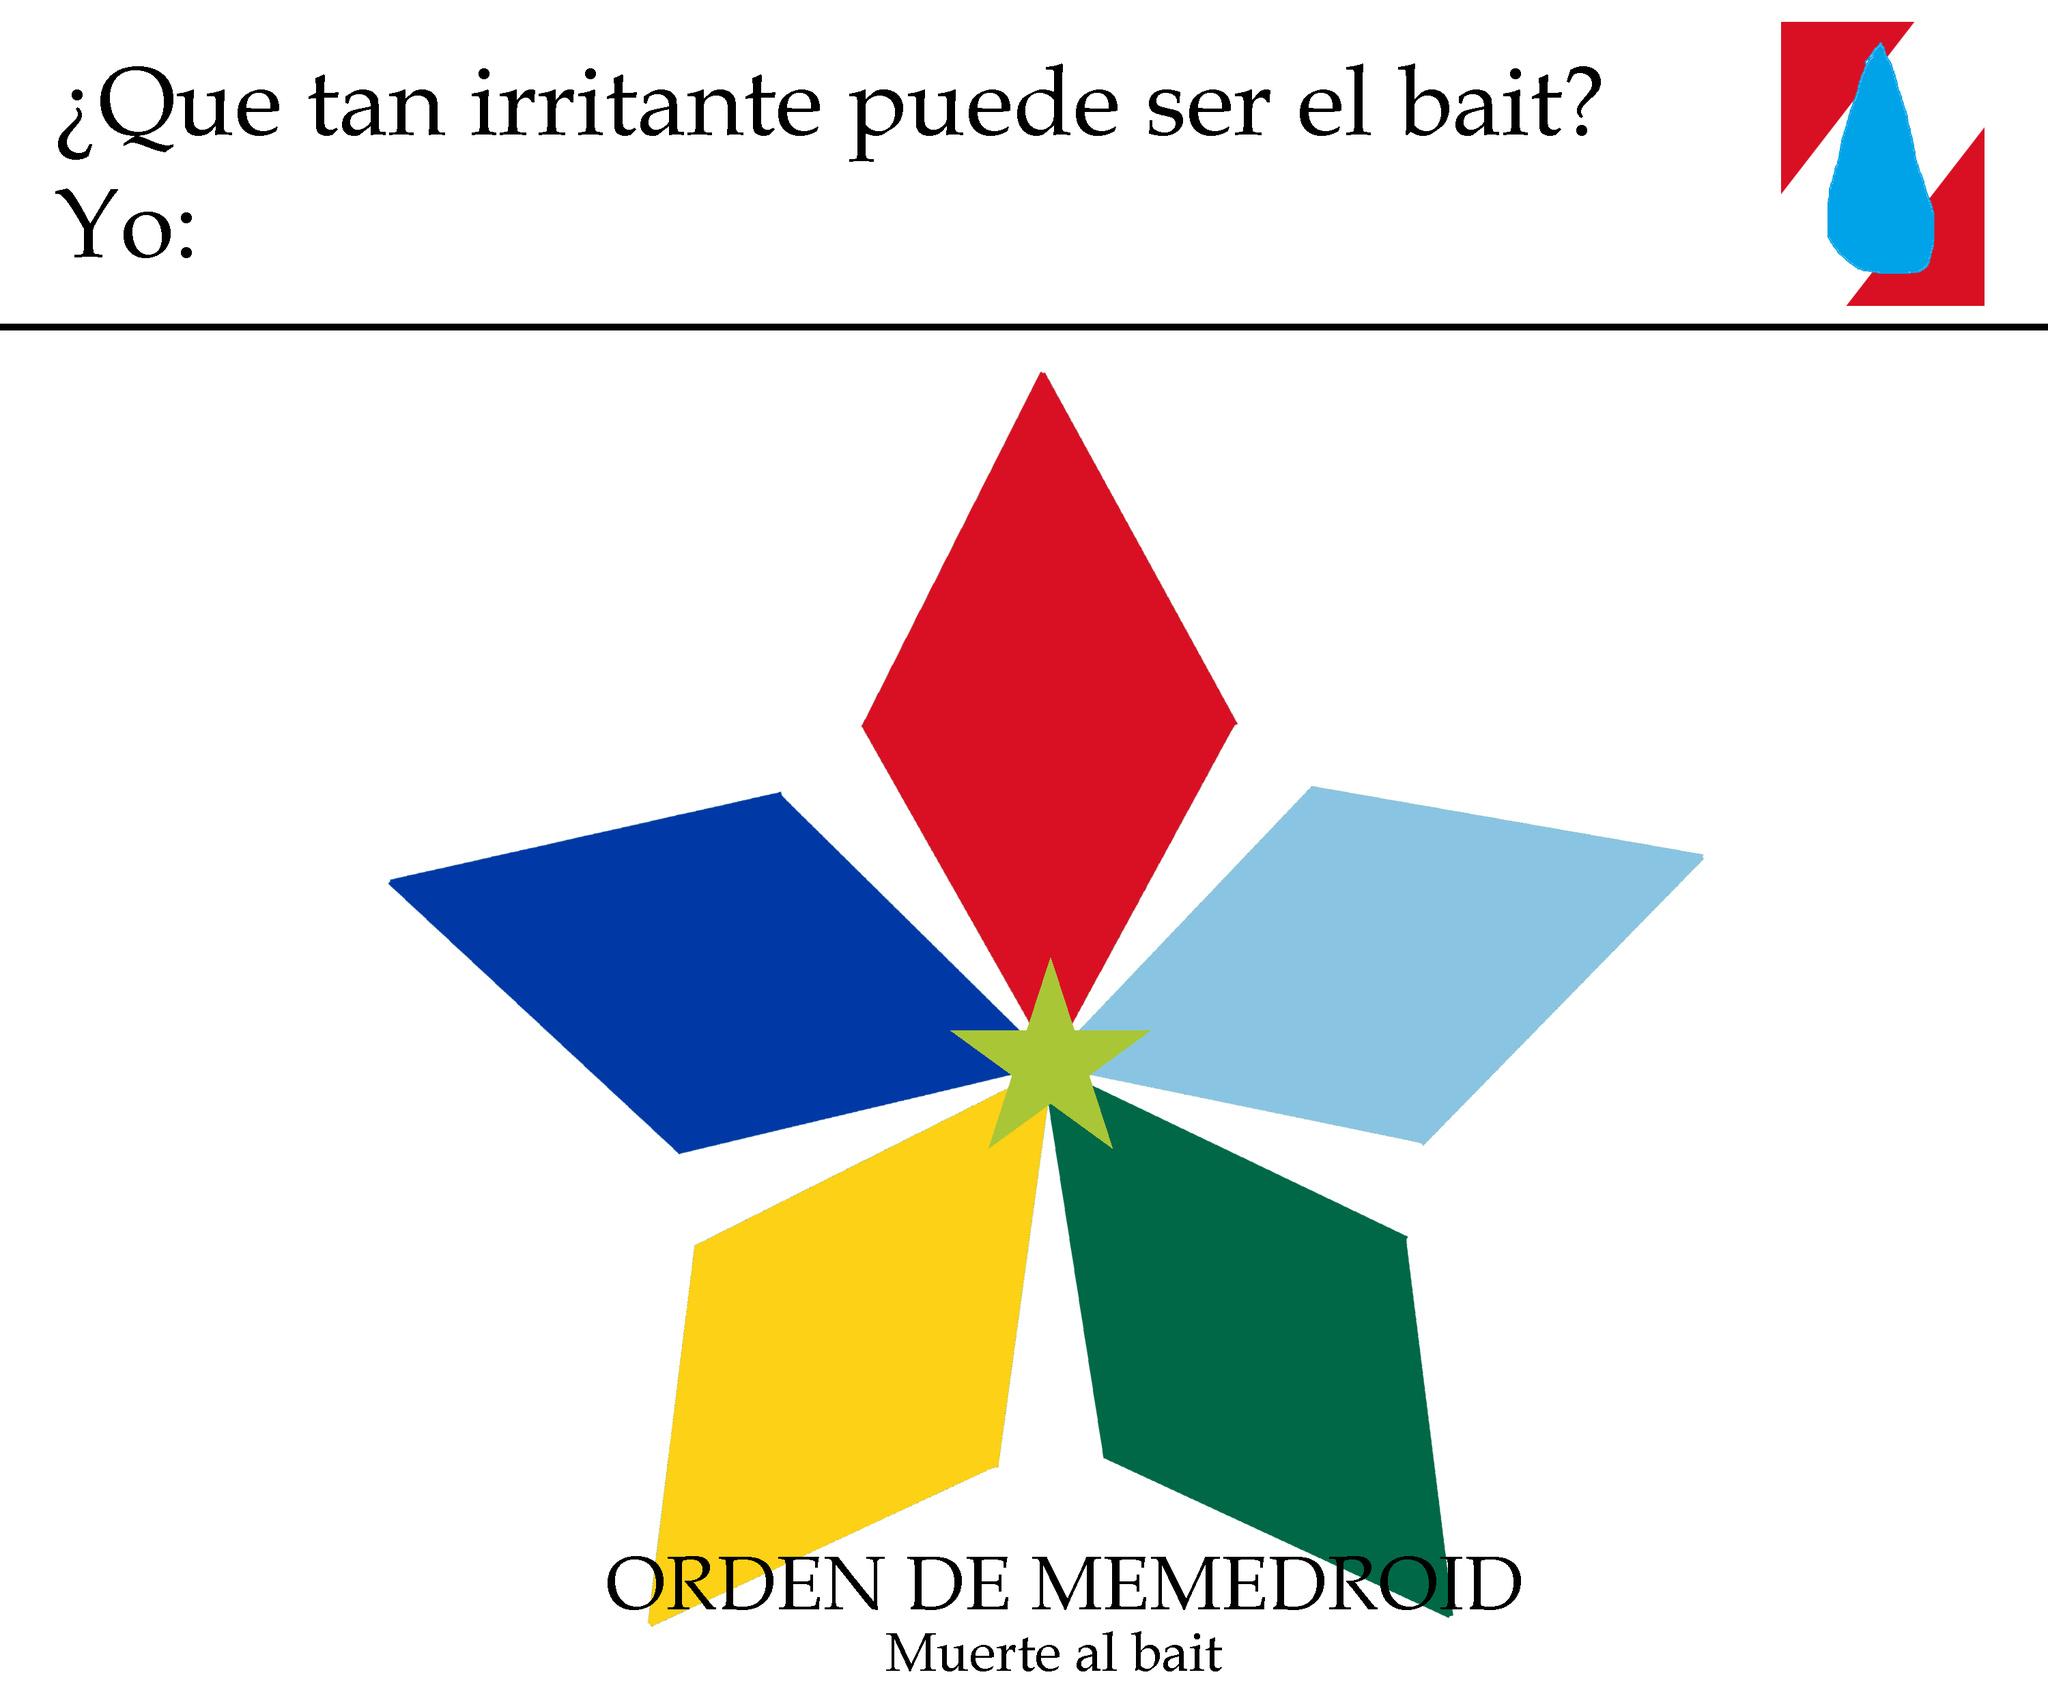 Lamento por el meme demasiado malardo en que creo que subir una imagen sola es mala idea. Pensé en crear una institución a lo Orden de Malta (defensores de la isla de Malta contra los otomanos). Si quieren usar el símbolo, sí pueden.